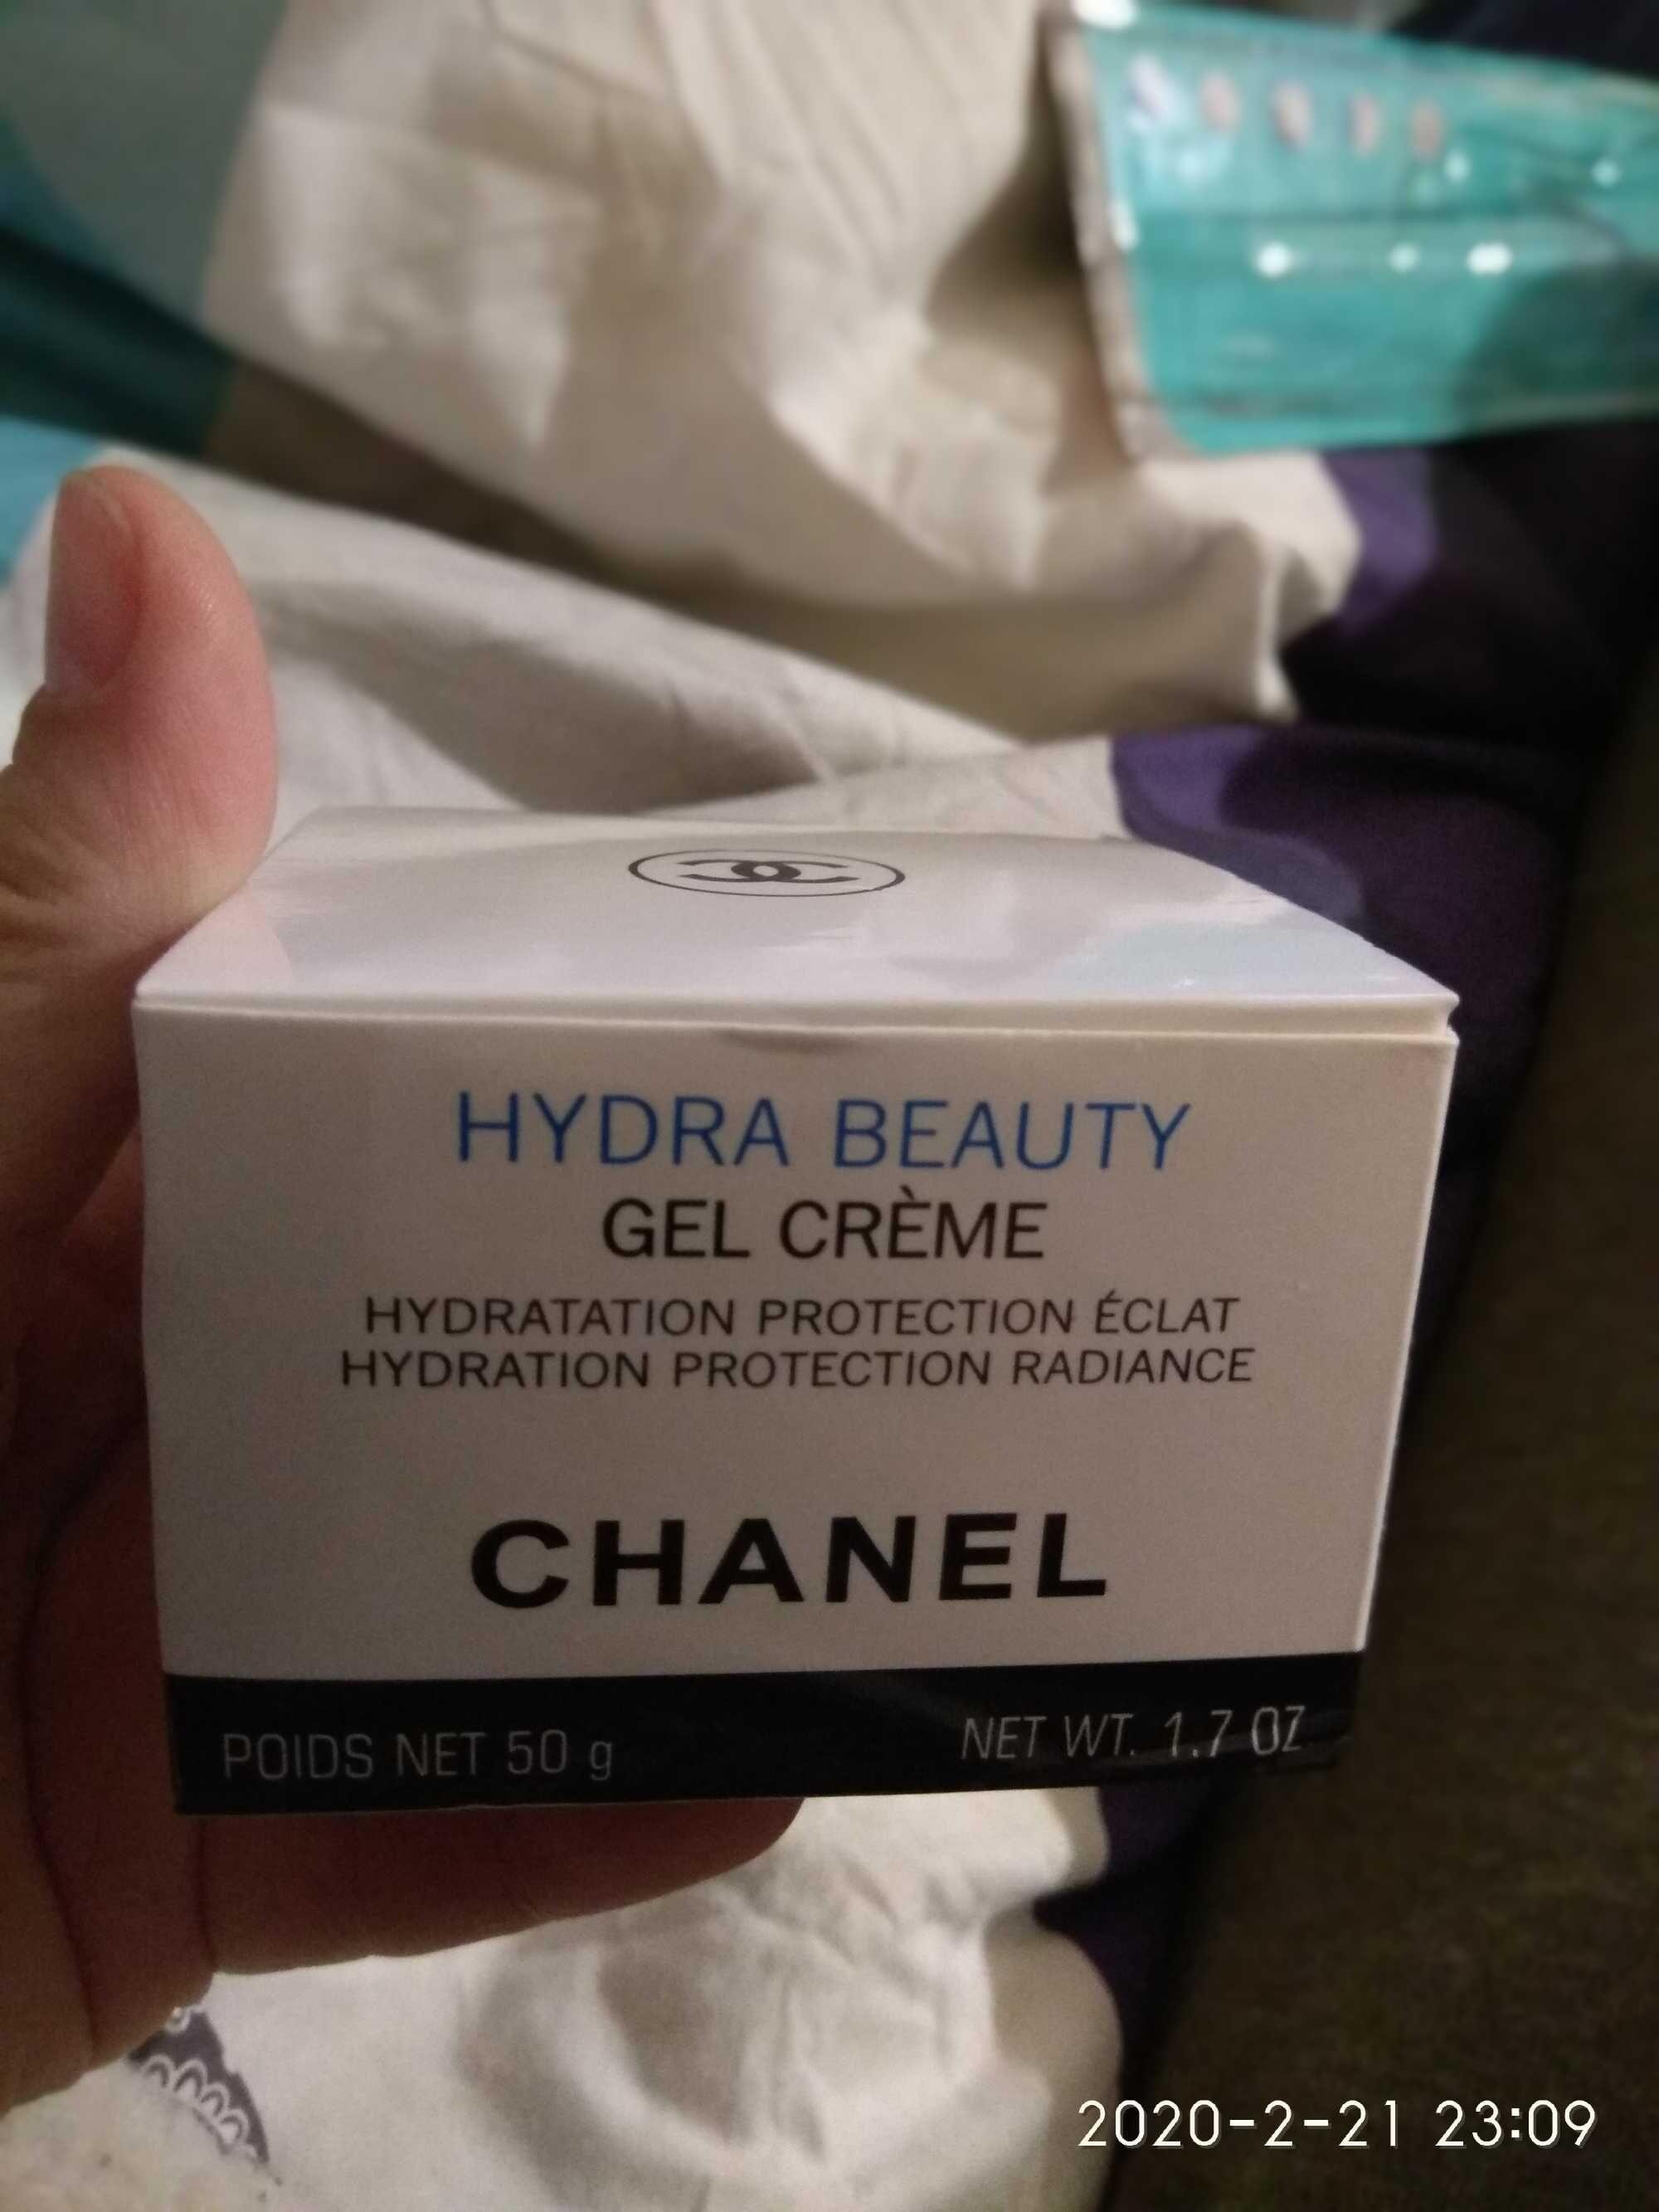 Hydra beauty gel creme - Product - en